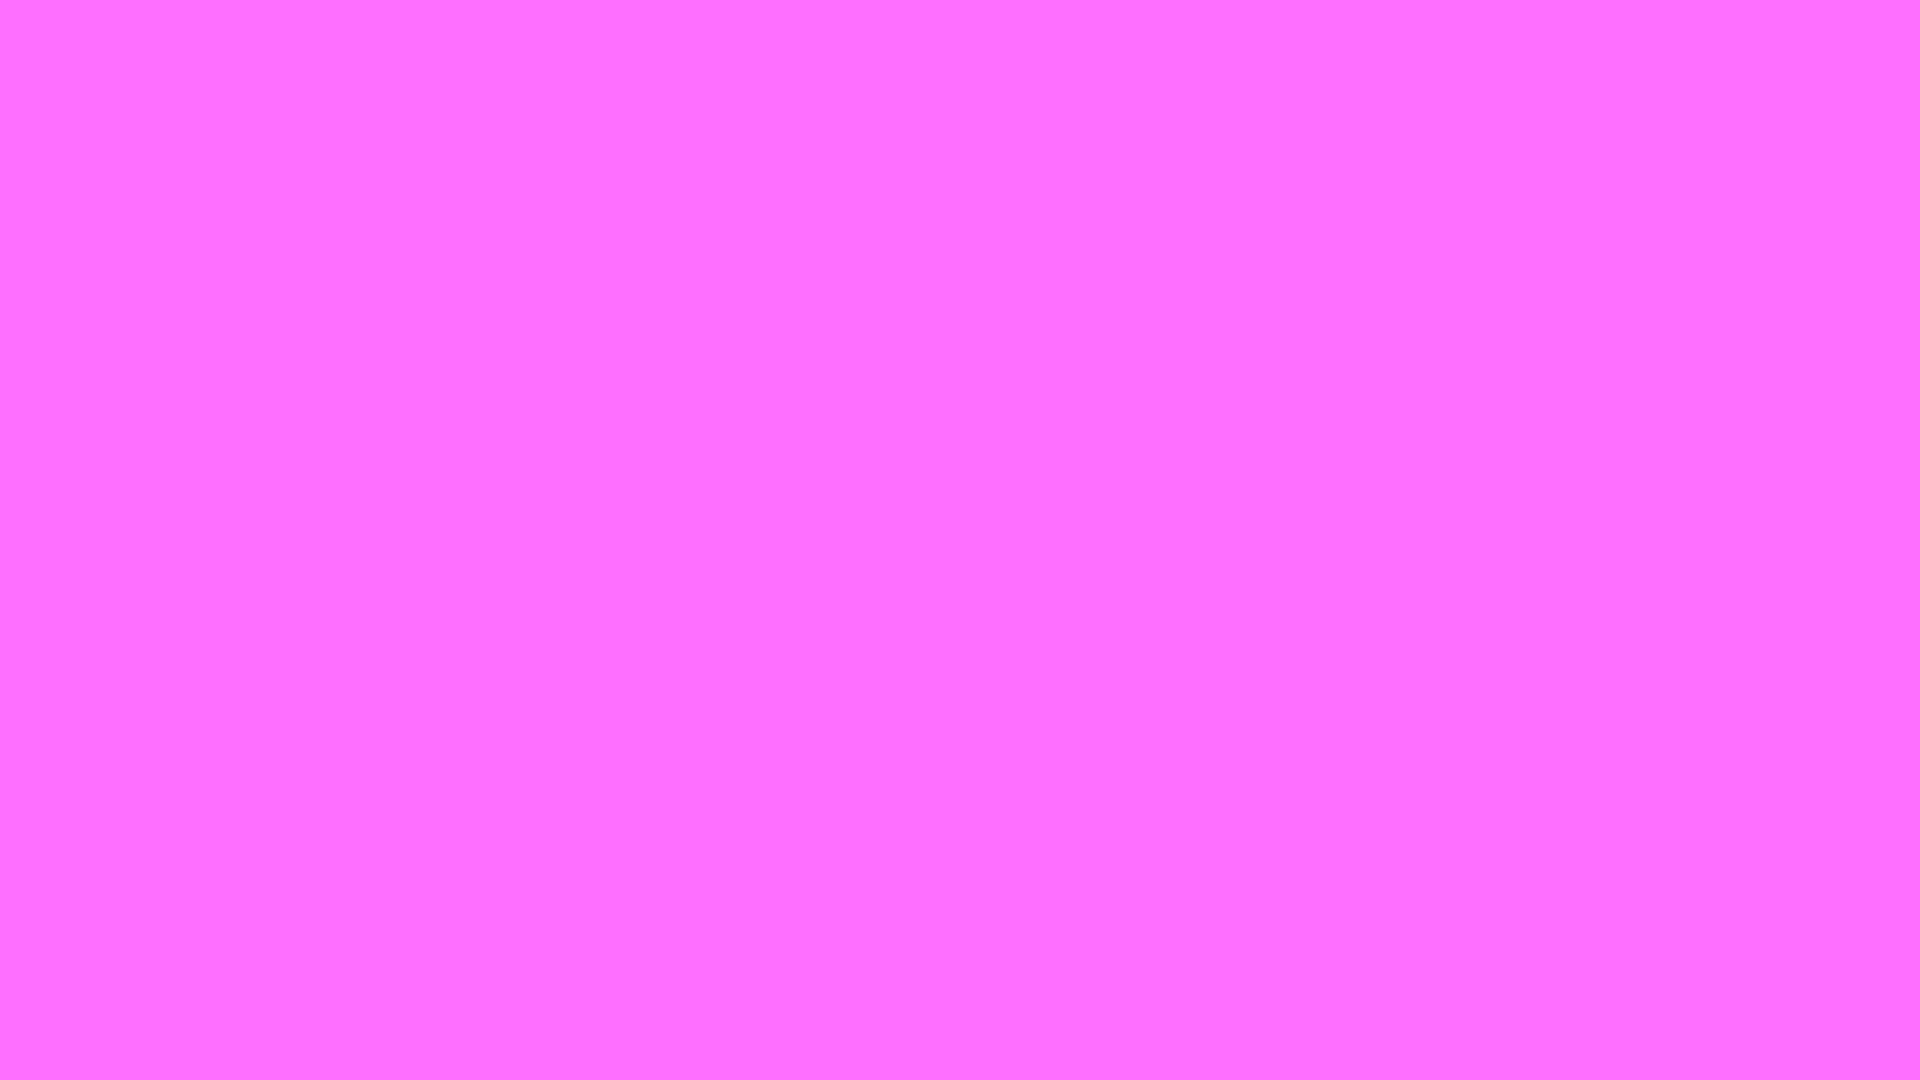 Wallpaper Ultra Pink 1920x1080